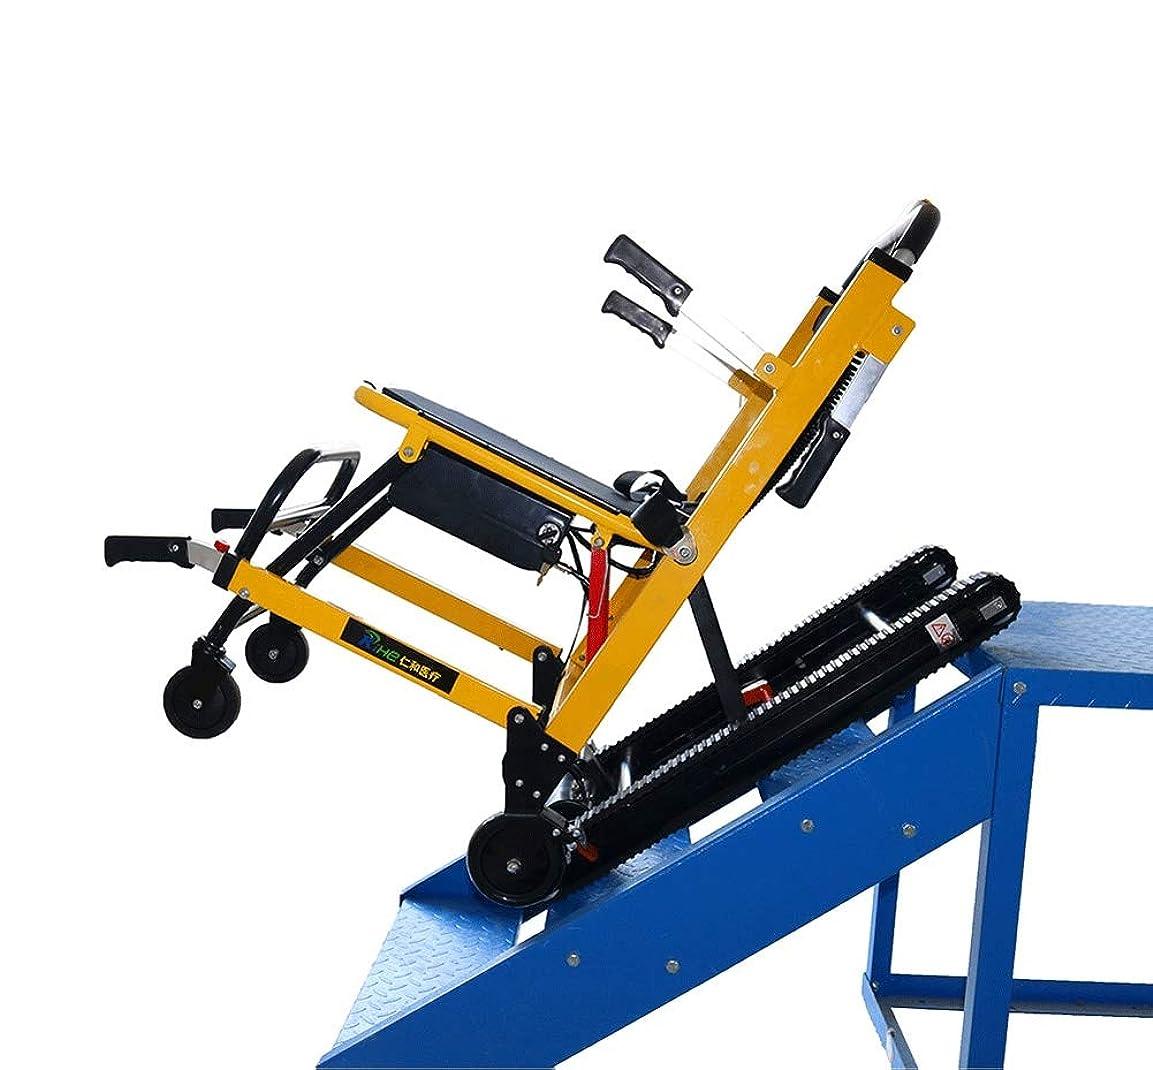 レザーステートメント軽くEMS階段椅子、電動階段車椅子の重量容量をクライミング350ポンド階段が椅子折りたたみバッテリ駆動クローラクライミングチェアクライミング議長緊急階段を登ります